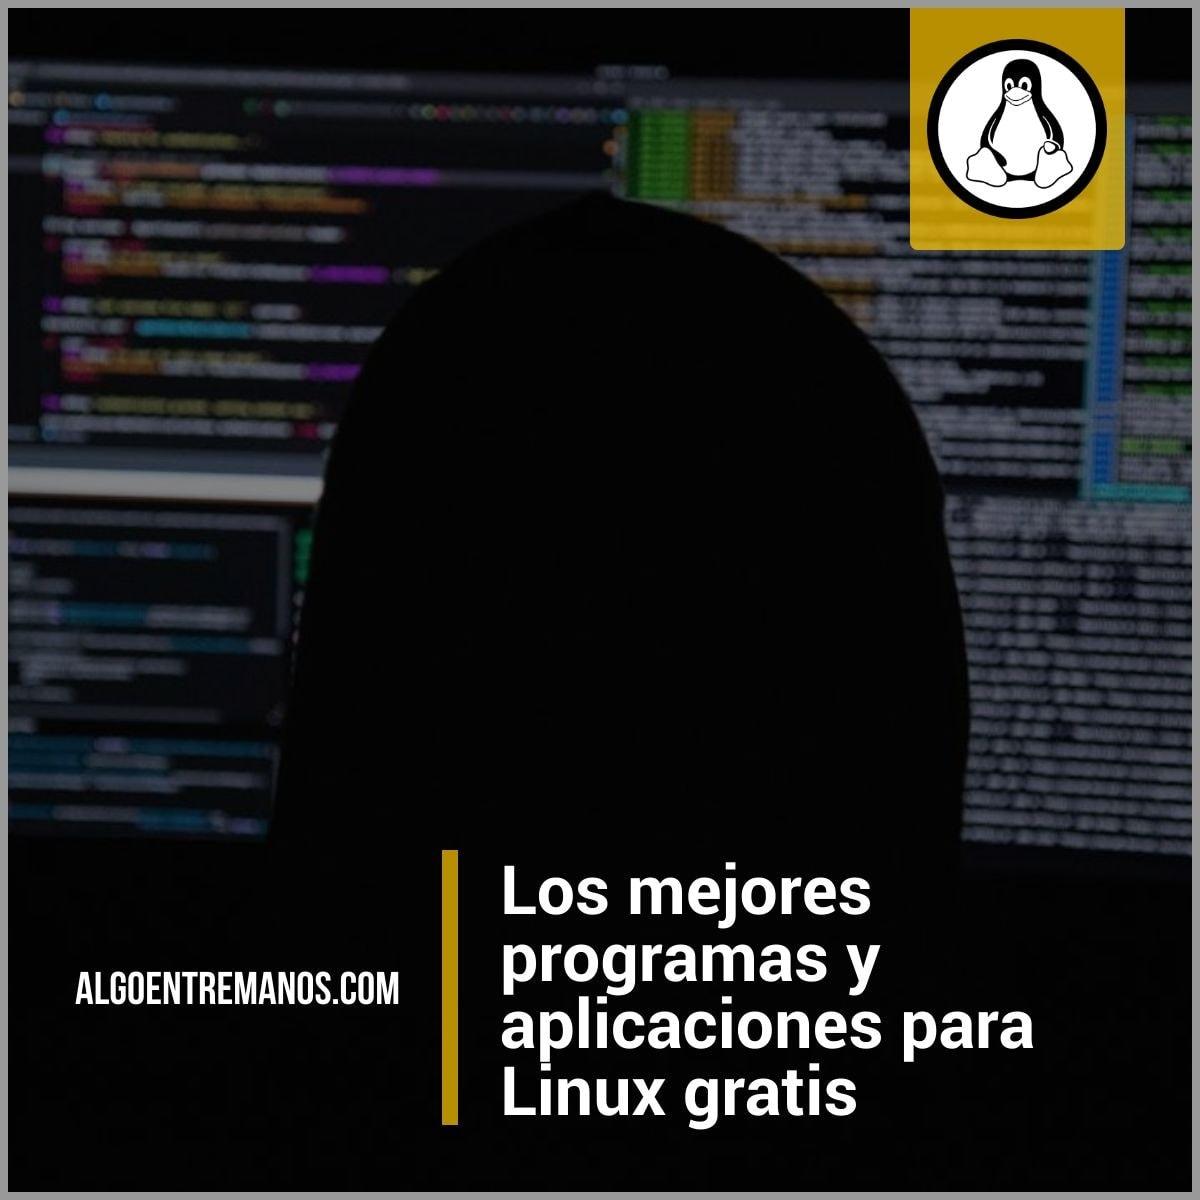 Los mejores programas y aplicaciones para Linux gratis